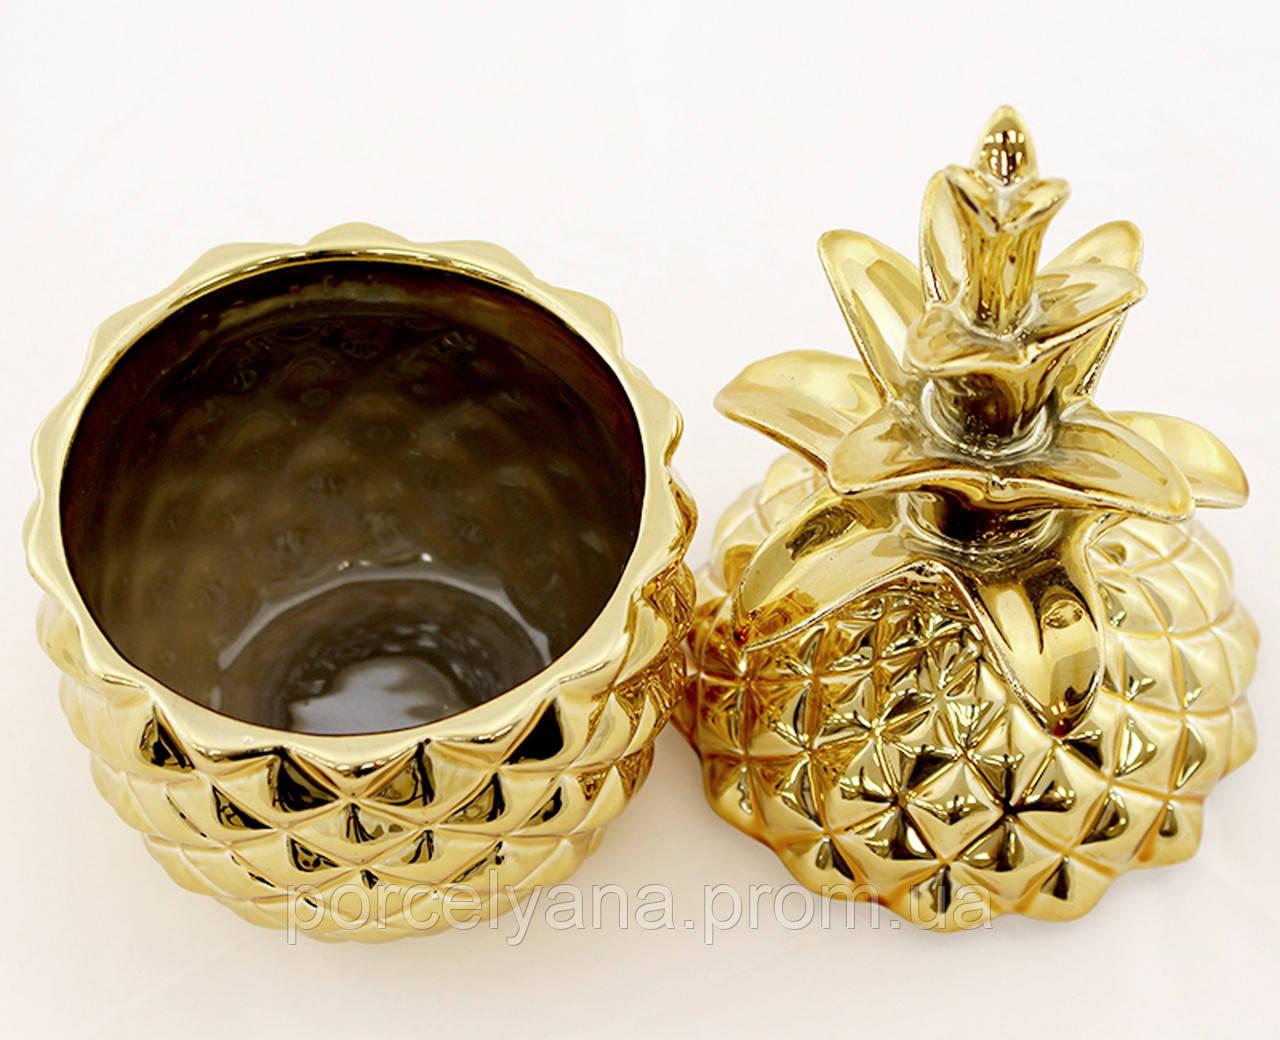 Шкатулка Ананас с крышкой золотой 19 см Artpol